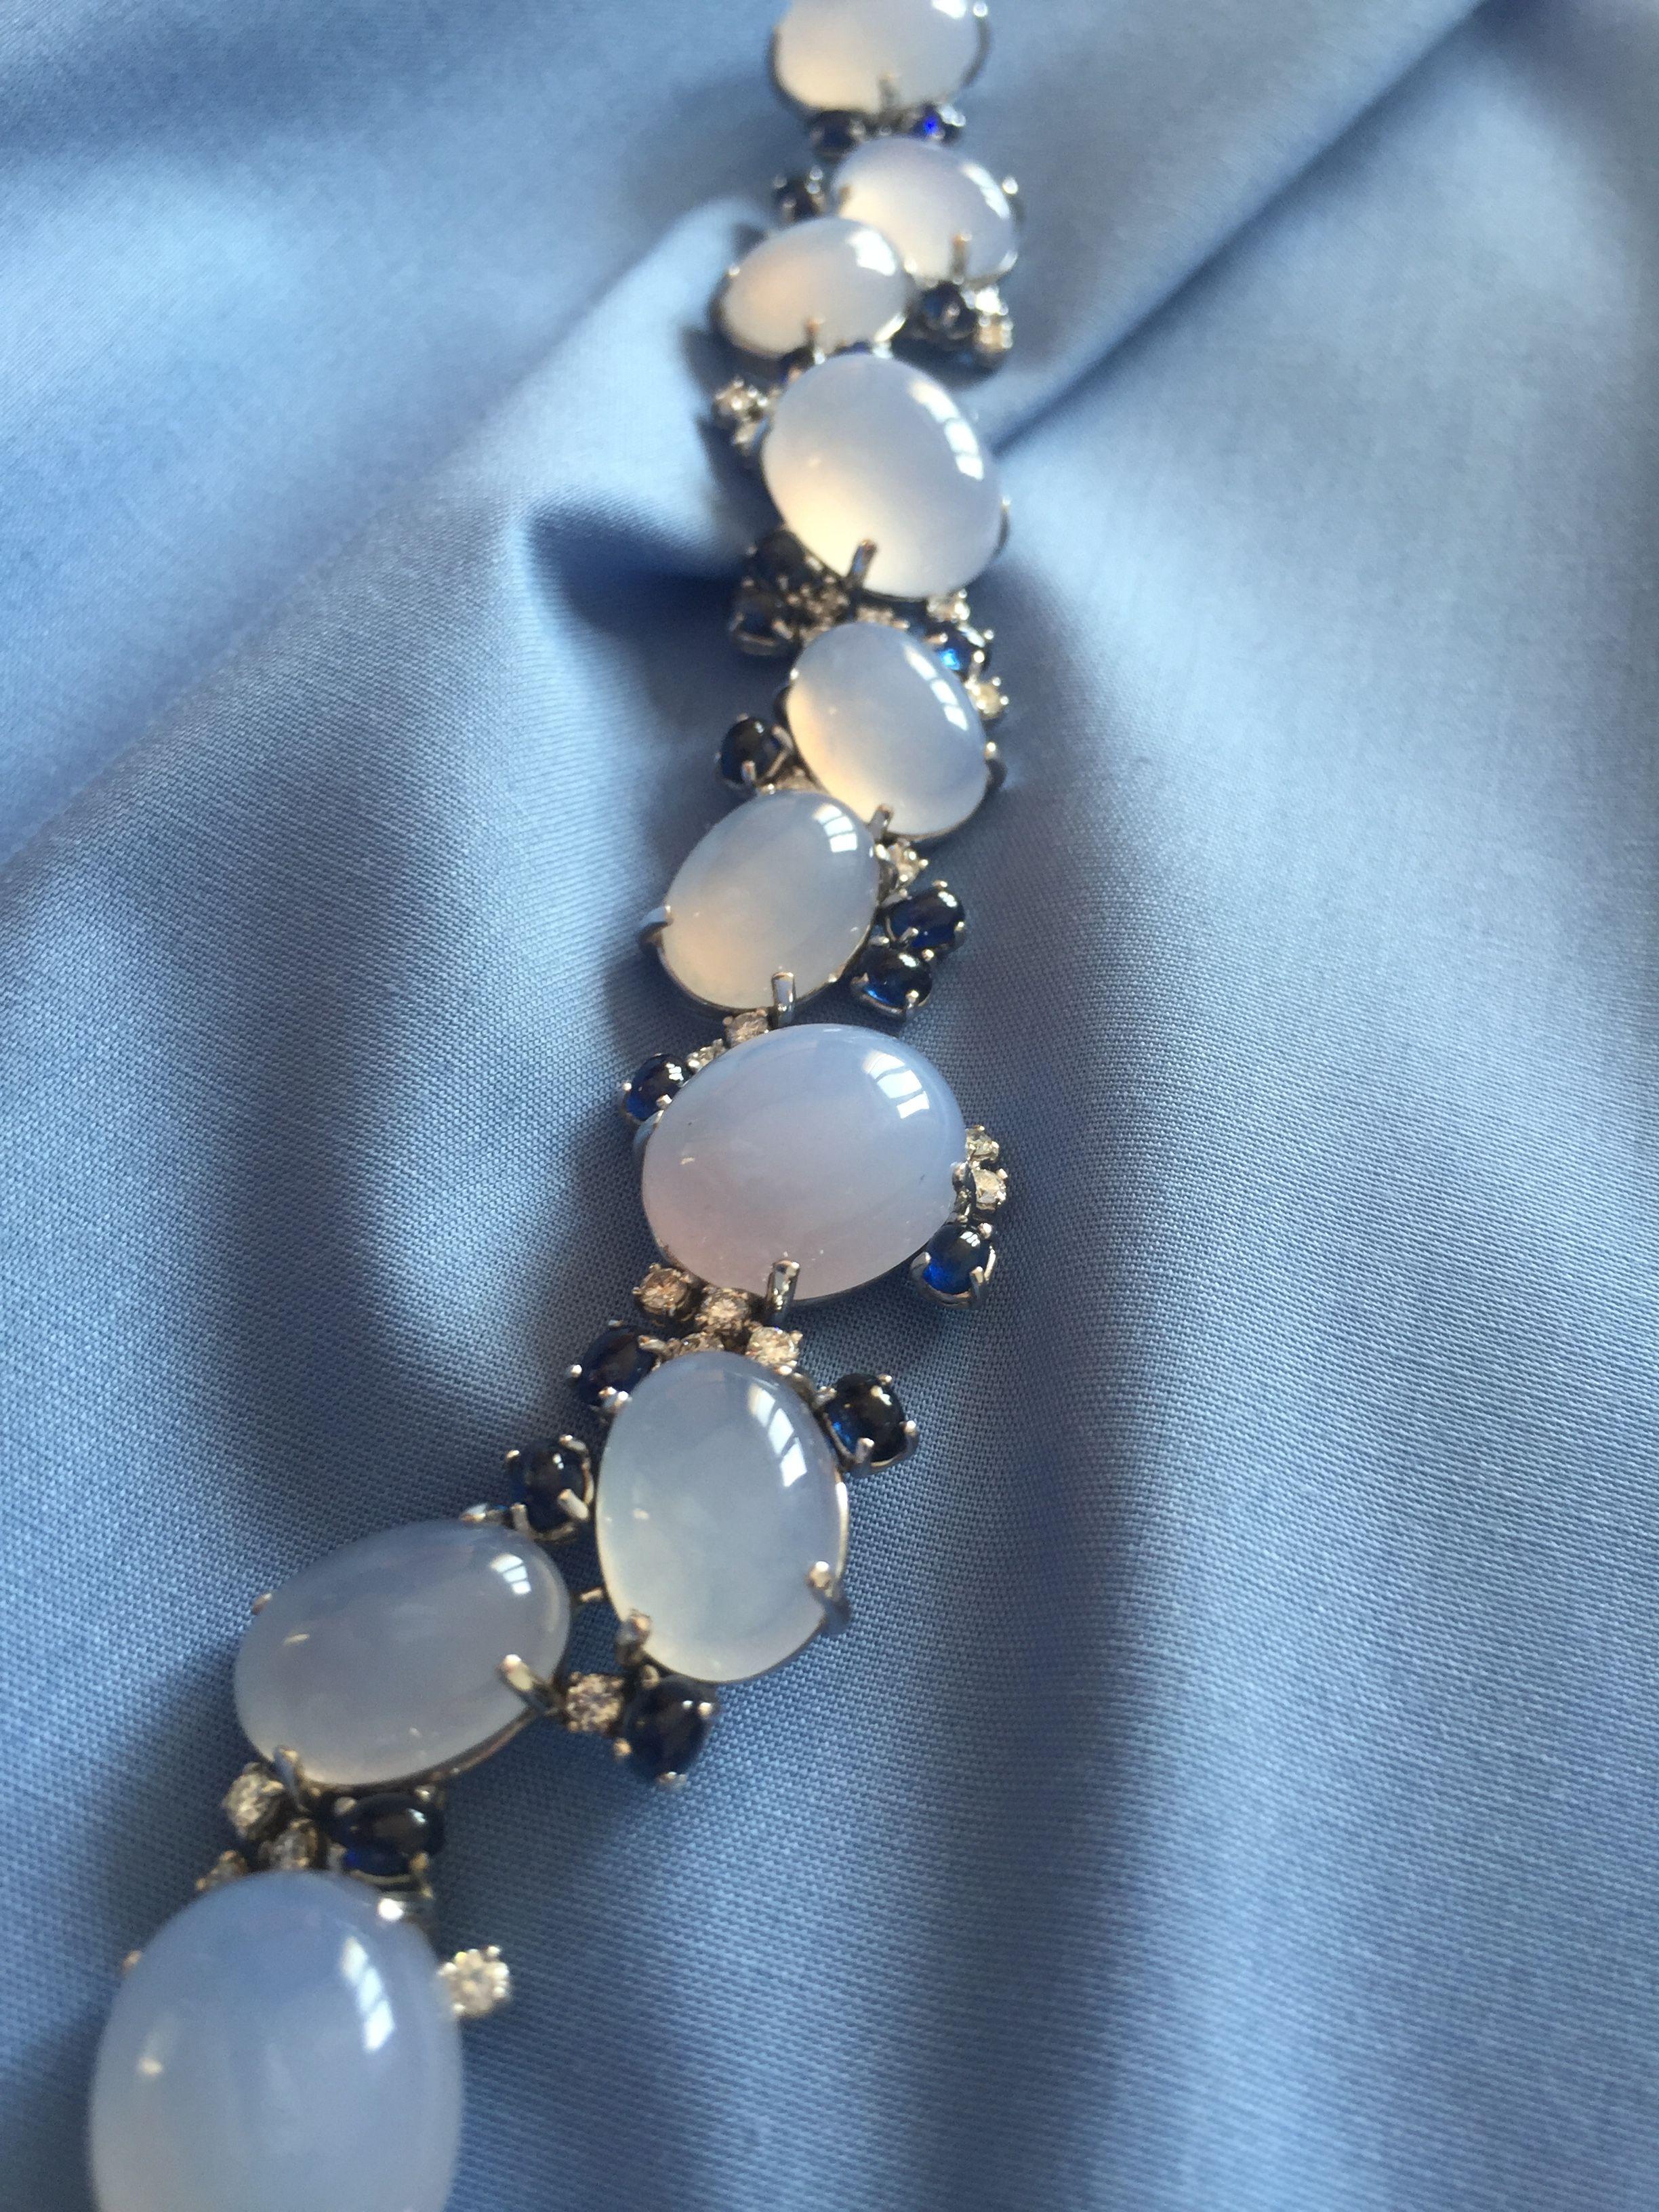 'Stolen sky' bracciale in oro bianco 18 alt diamanti zaffiri e calcedonio. La delicatezza di un bracciale che pare aver rubato il colore al cielo.